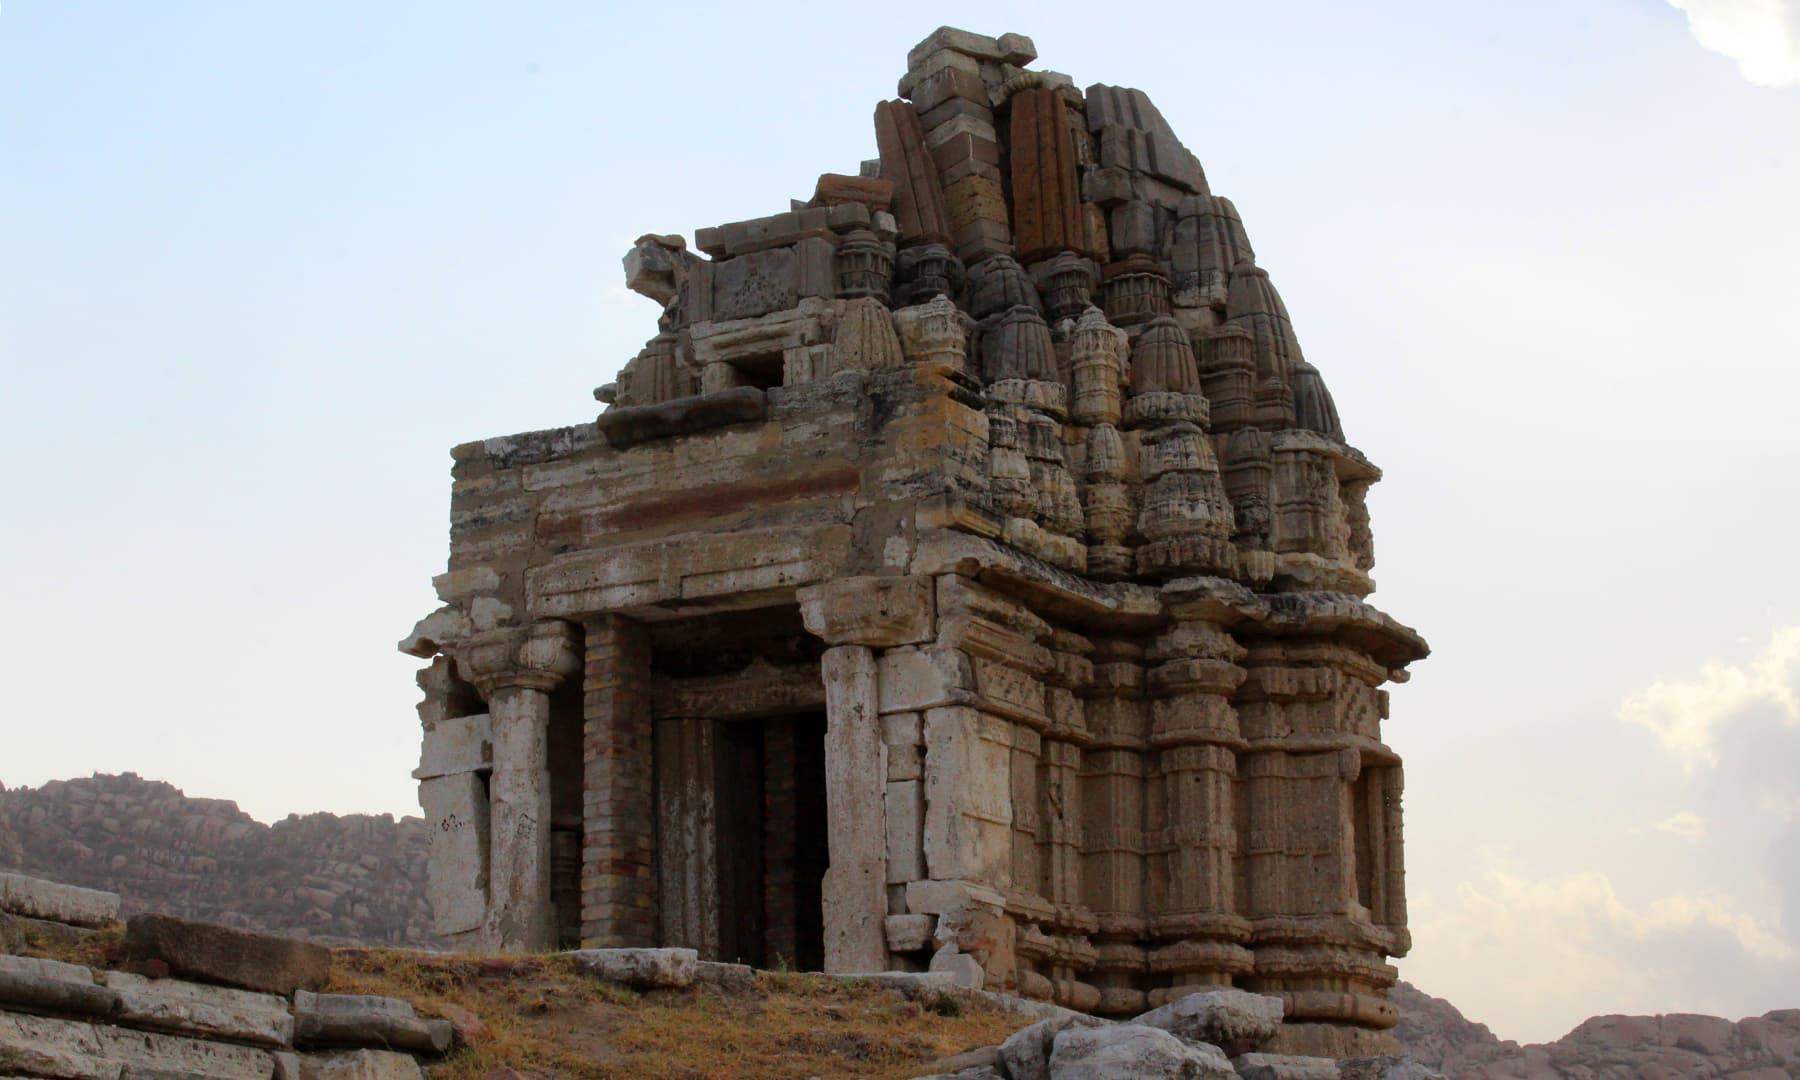 کارونجھر کے دامن میں قائم جین مندر جو اب تباہی کا شکار ہے۔ — فوٹو اختر حفیظ۔